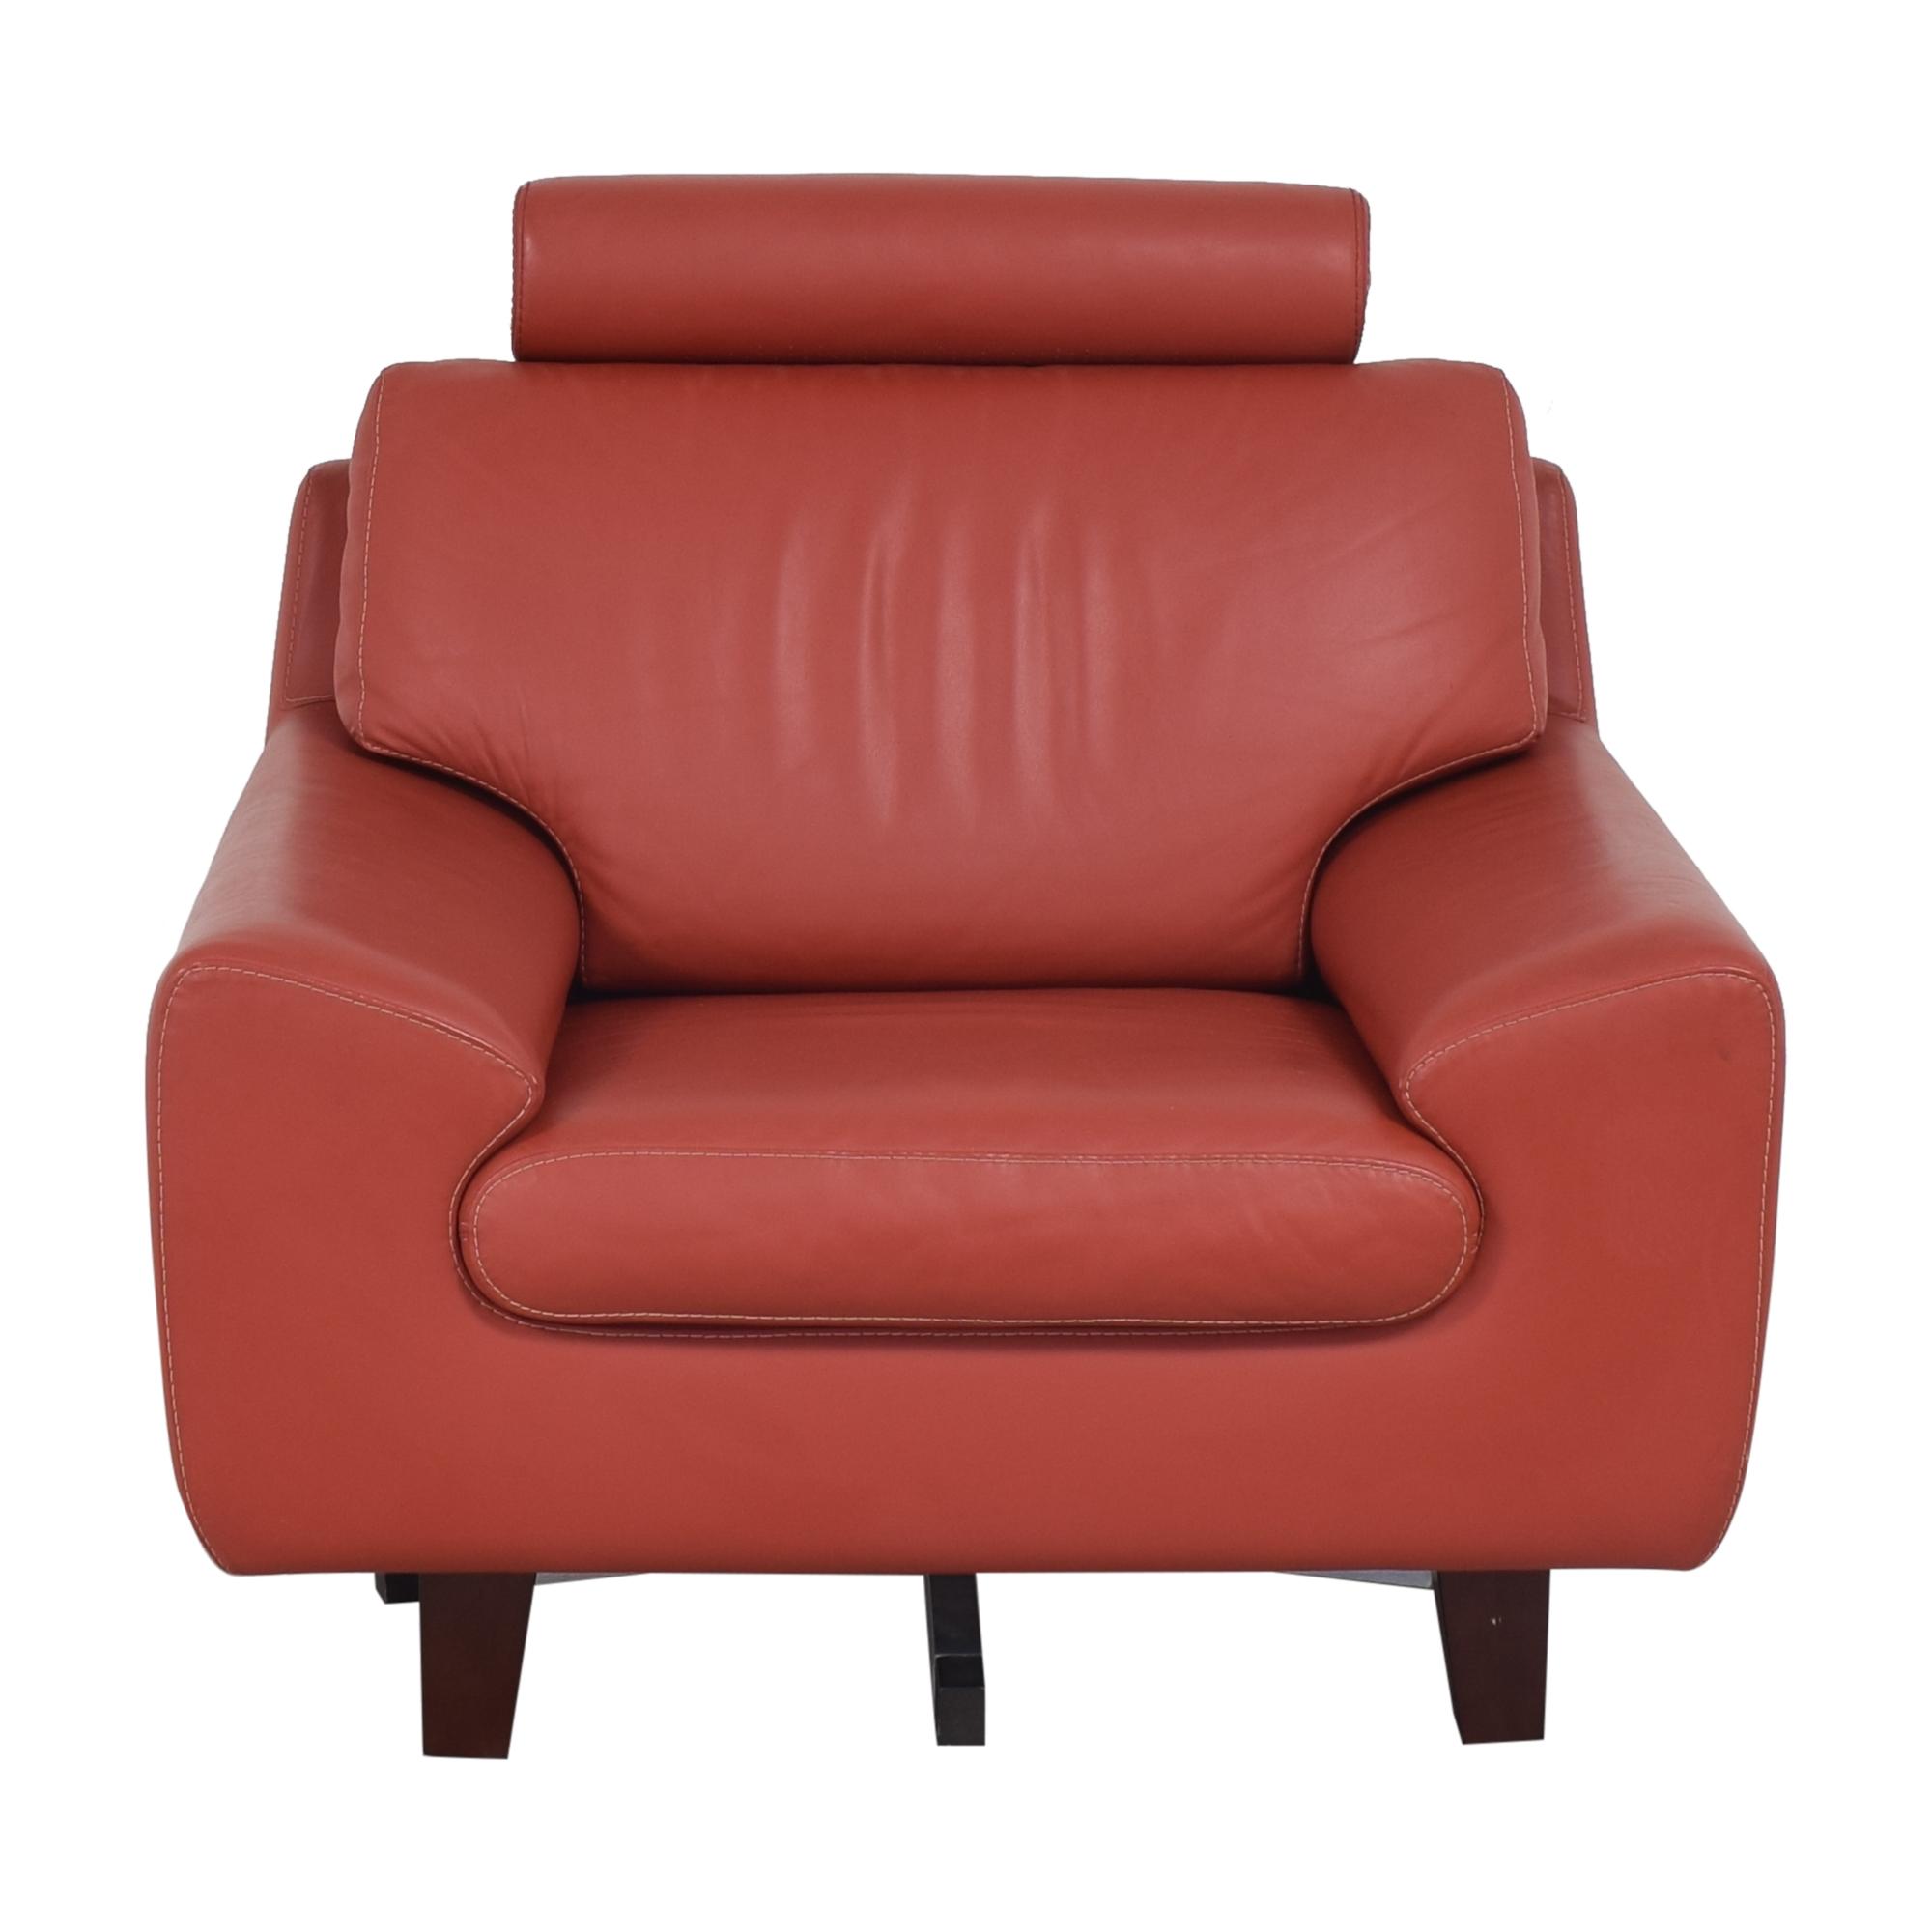 Roche Bobois Roche Bobois Accent Chair used